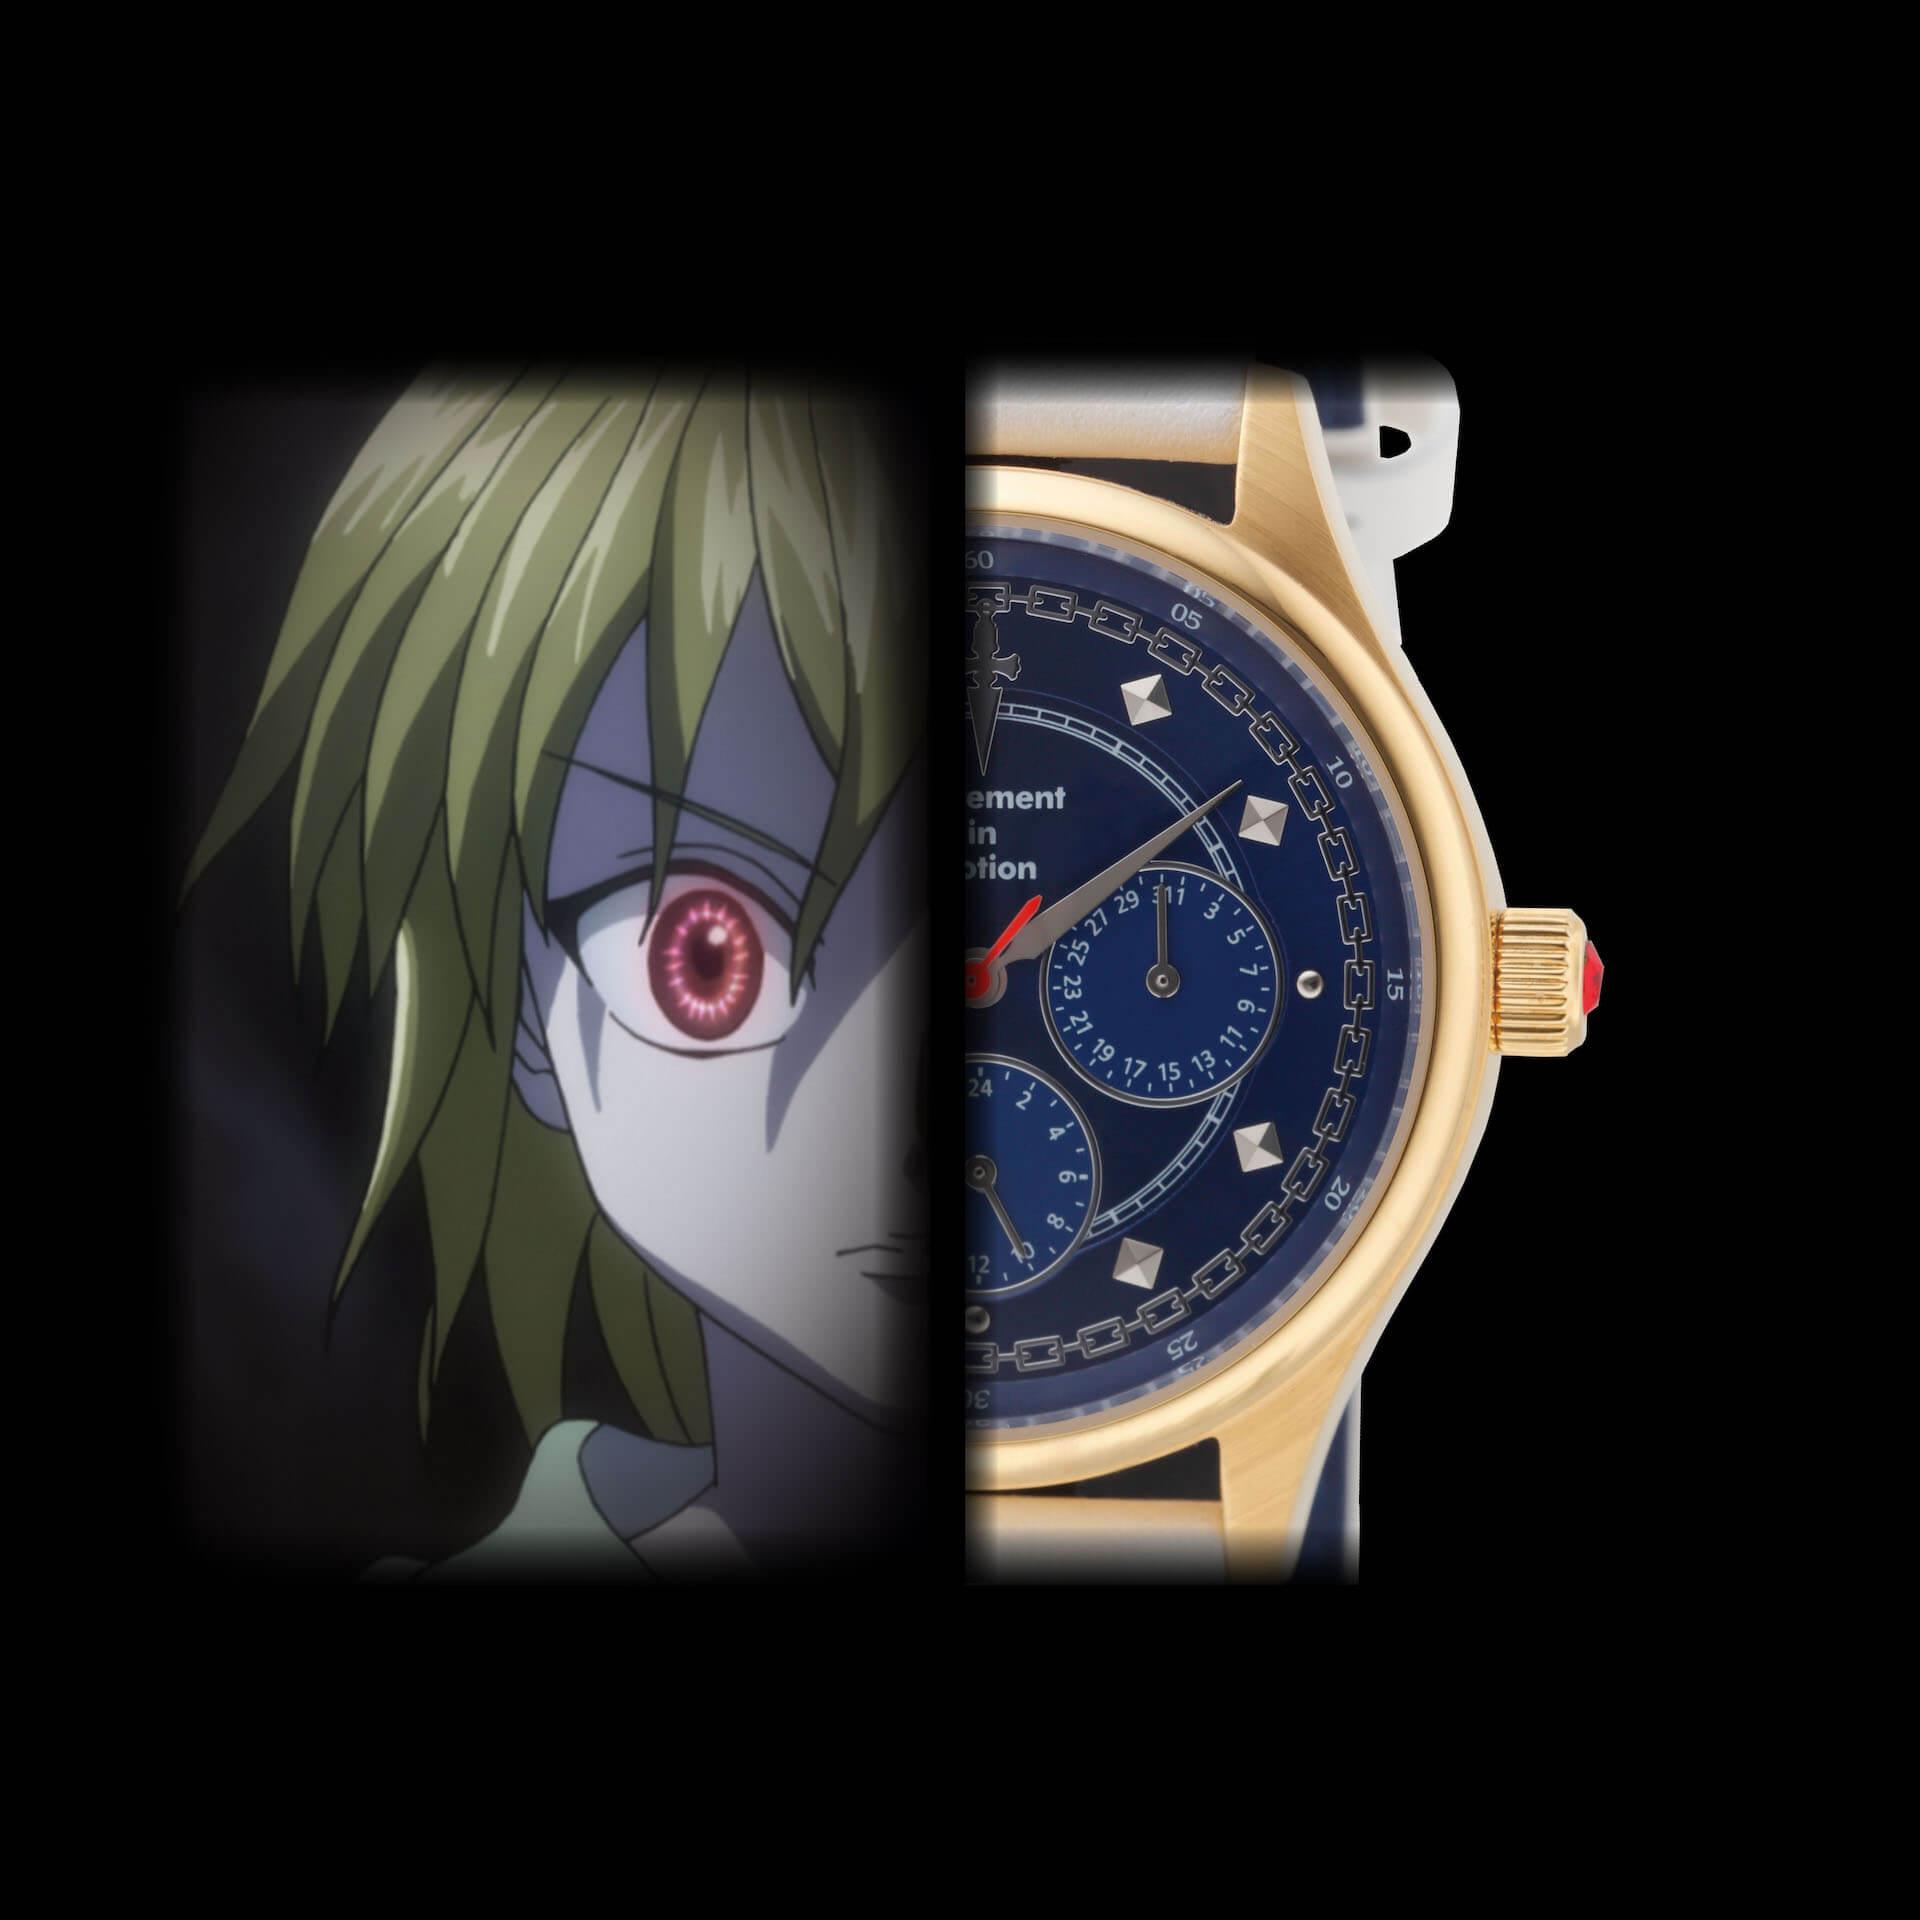 HUNTER×HUNTERとTiCTACの初コラボレーション腕時計が登場|ゴンやヒソカたち、人気キャラクターを表現 sub3-2